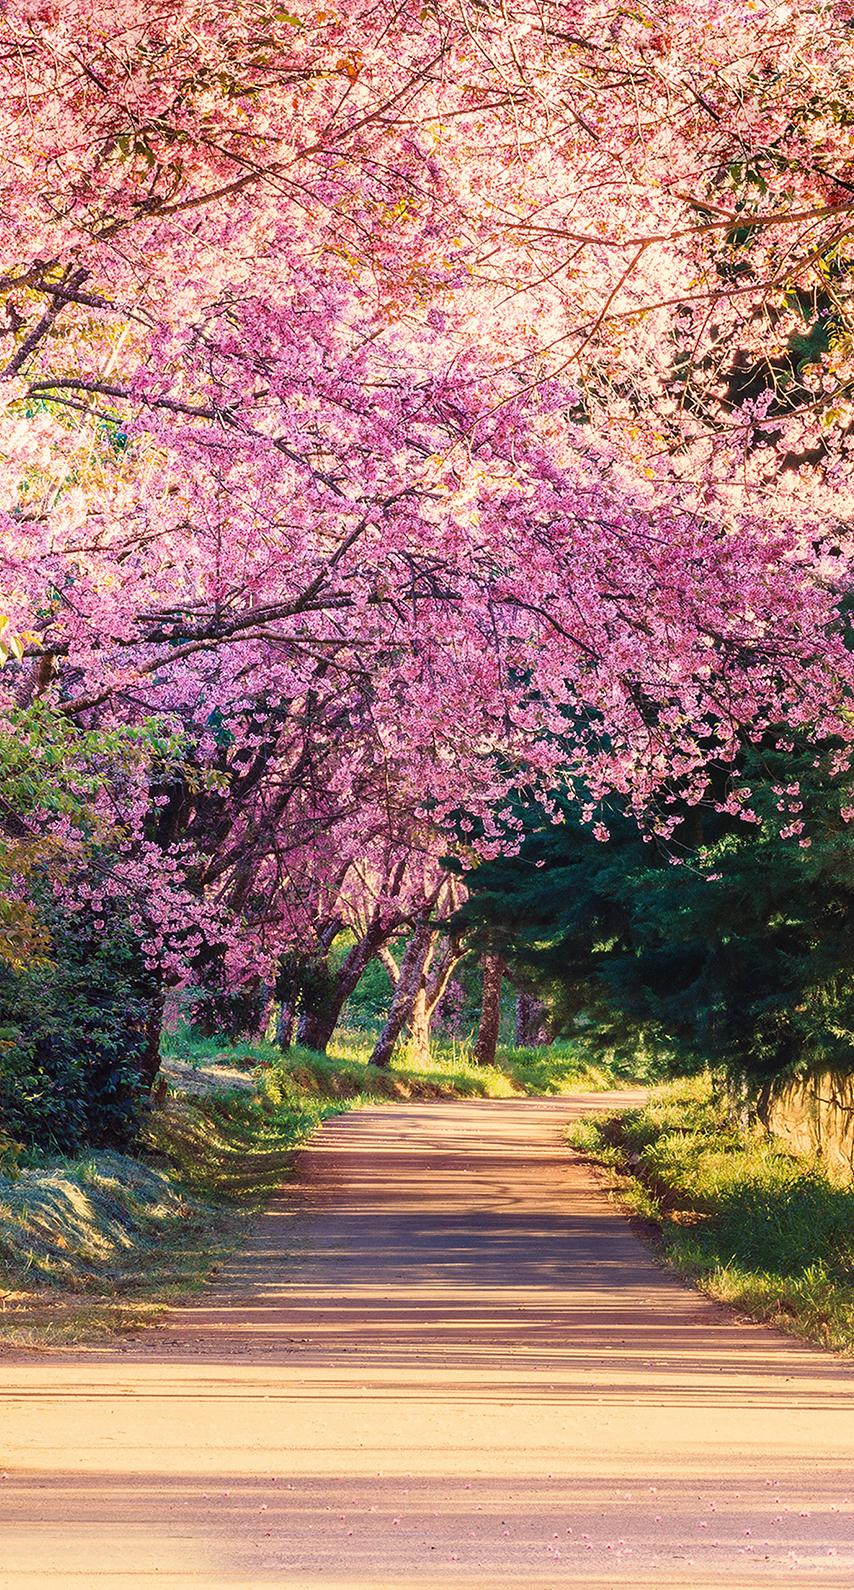 scenic, guidance, scenery, avenue